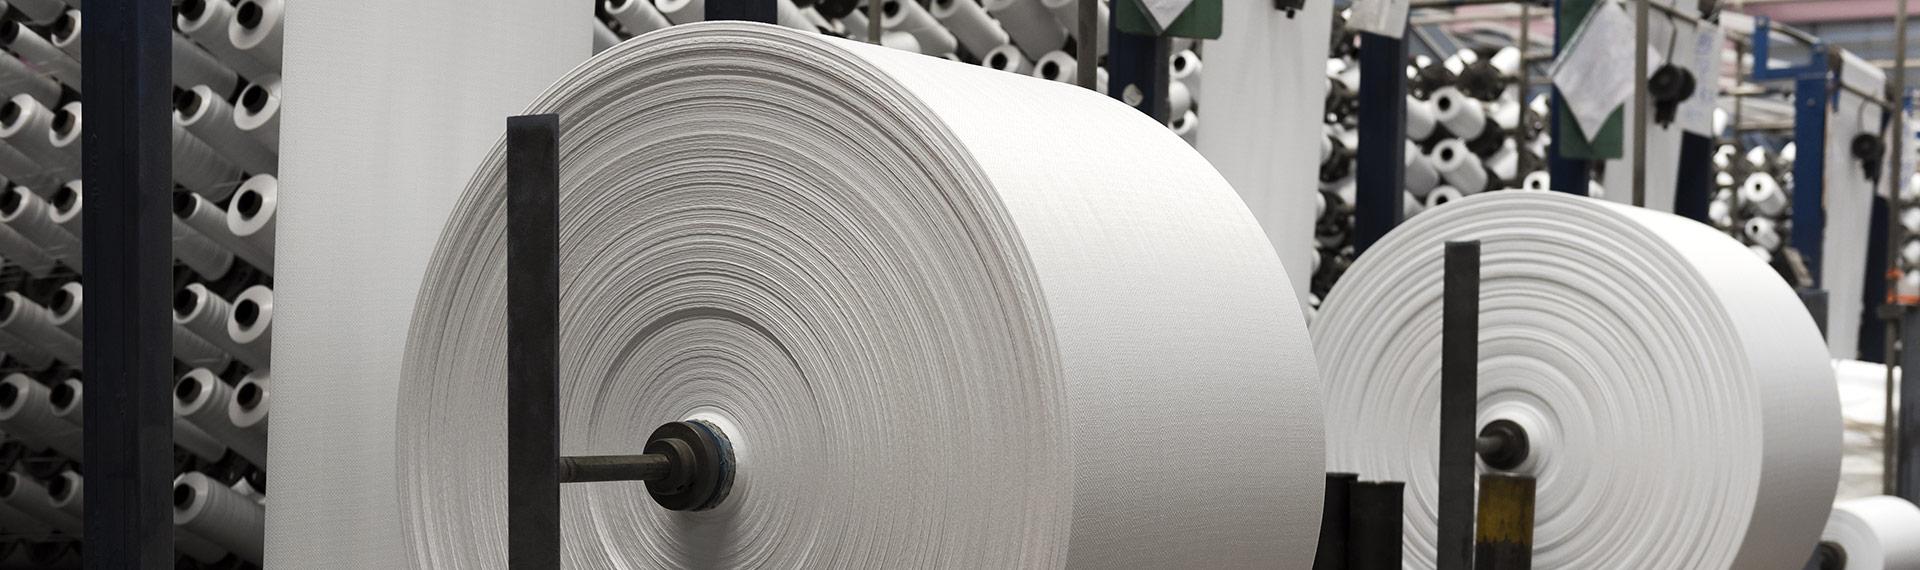 bulk bag manufacturers